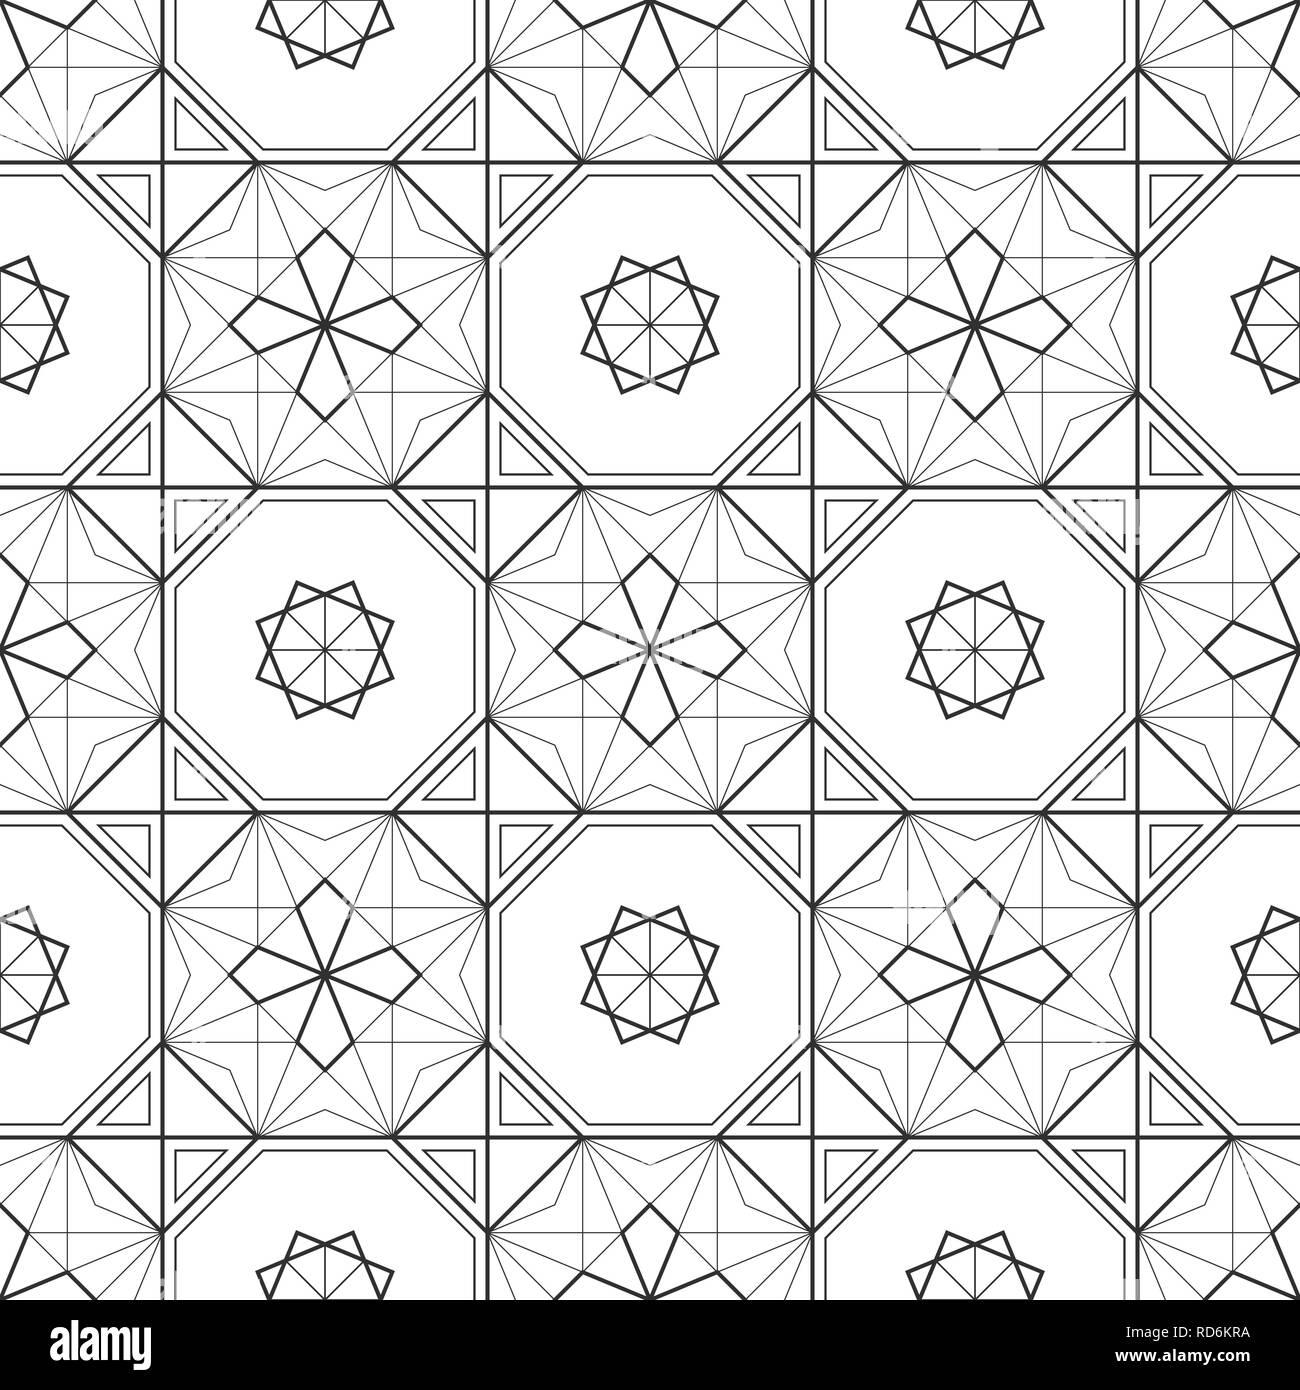 Abstrakte Geometrische Muster Bodenfliesen Orientalische Textur